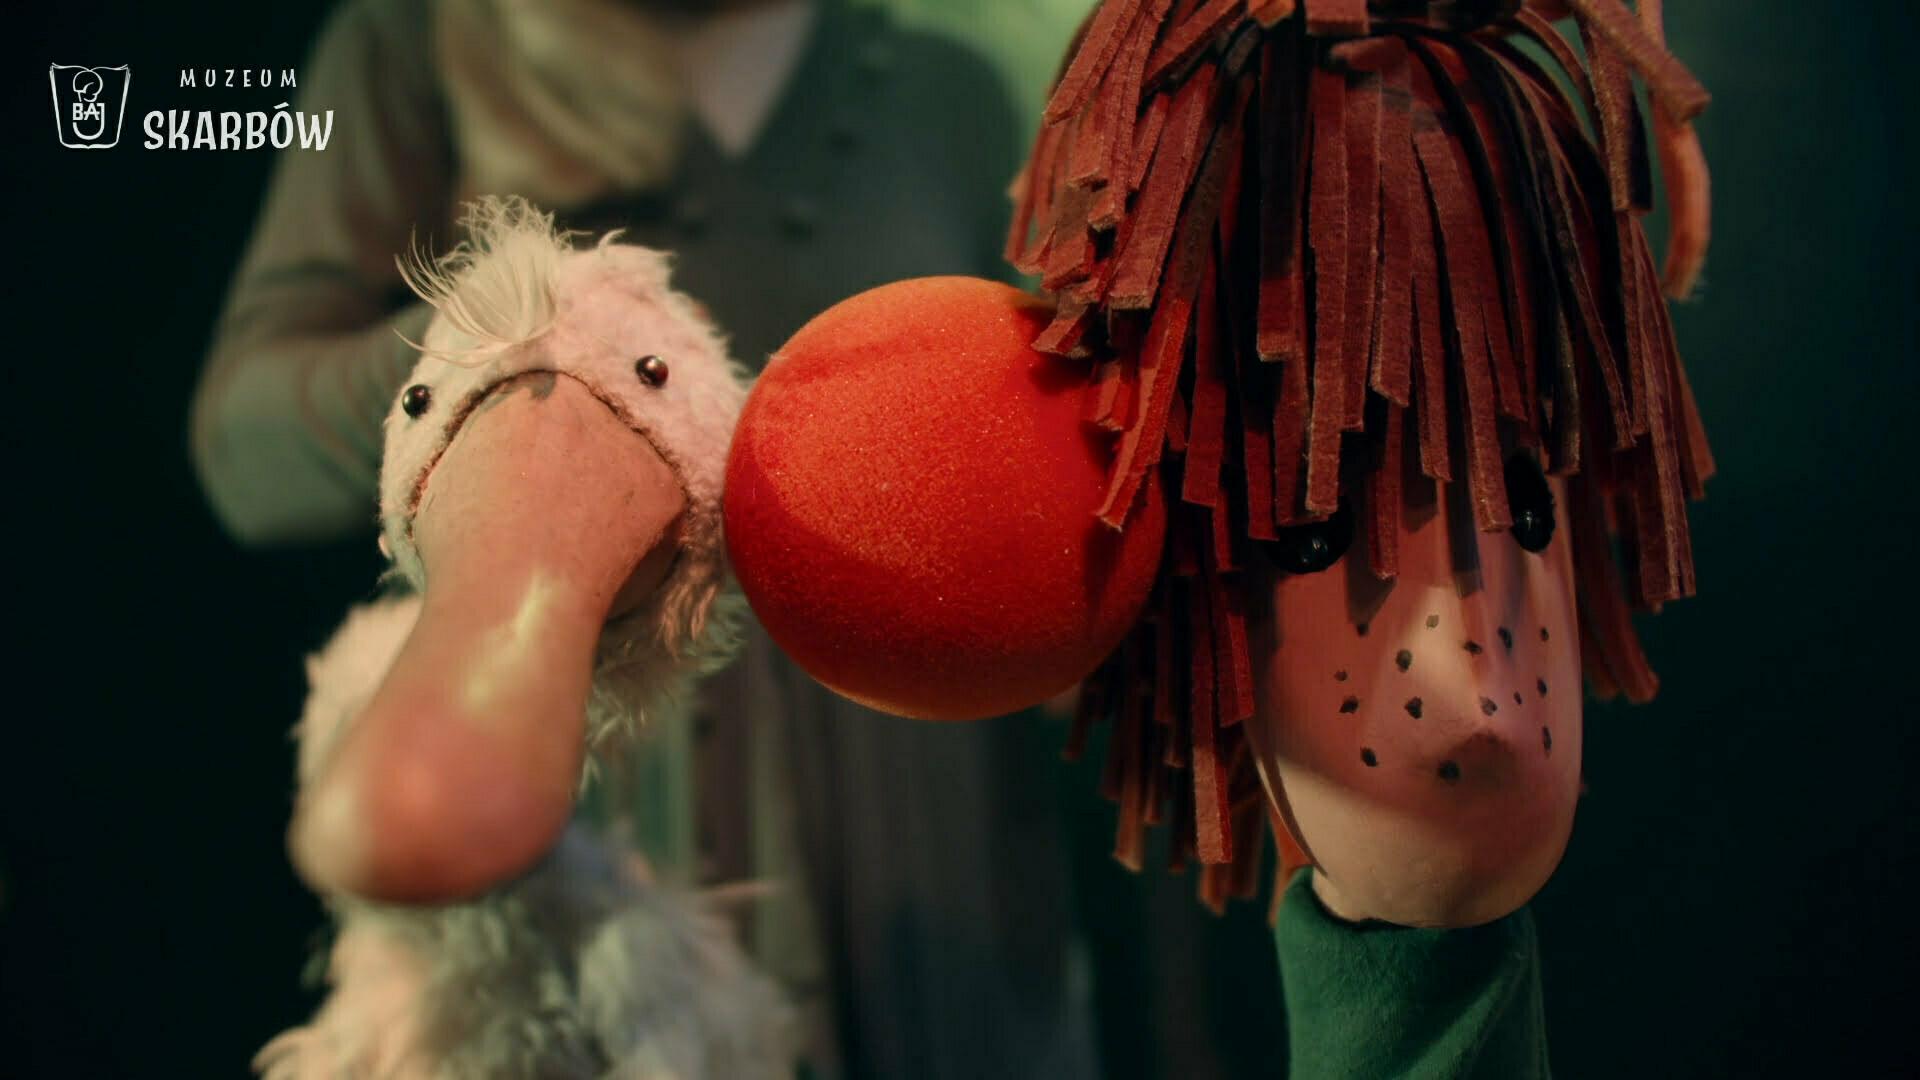 Zdjęcie ze spektaklu Muzeum Skarbów. Na zdjęciu po lewej stronie Gęś, po prawej główny bohater Andrzejek. Bohaterowie widoczni są od szyi w górę. Razem przyciskają uszy do pomarańczy, która znajduje się pomiędzy ich głowami.